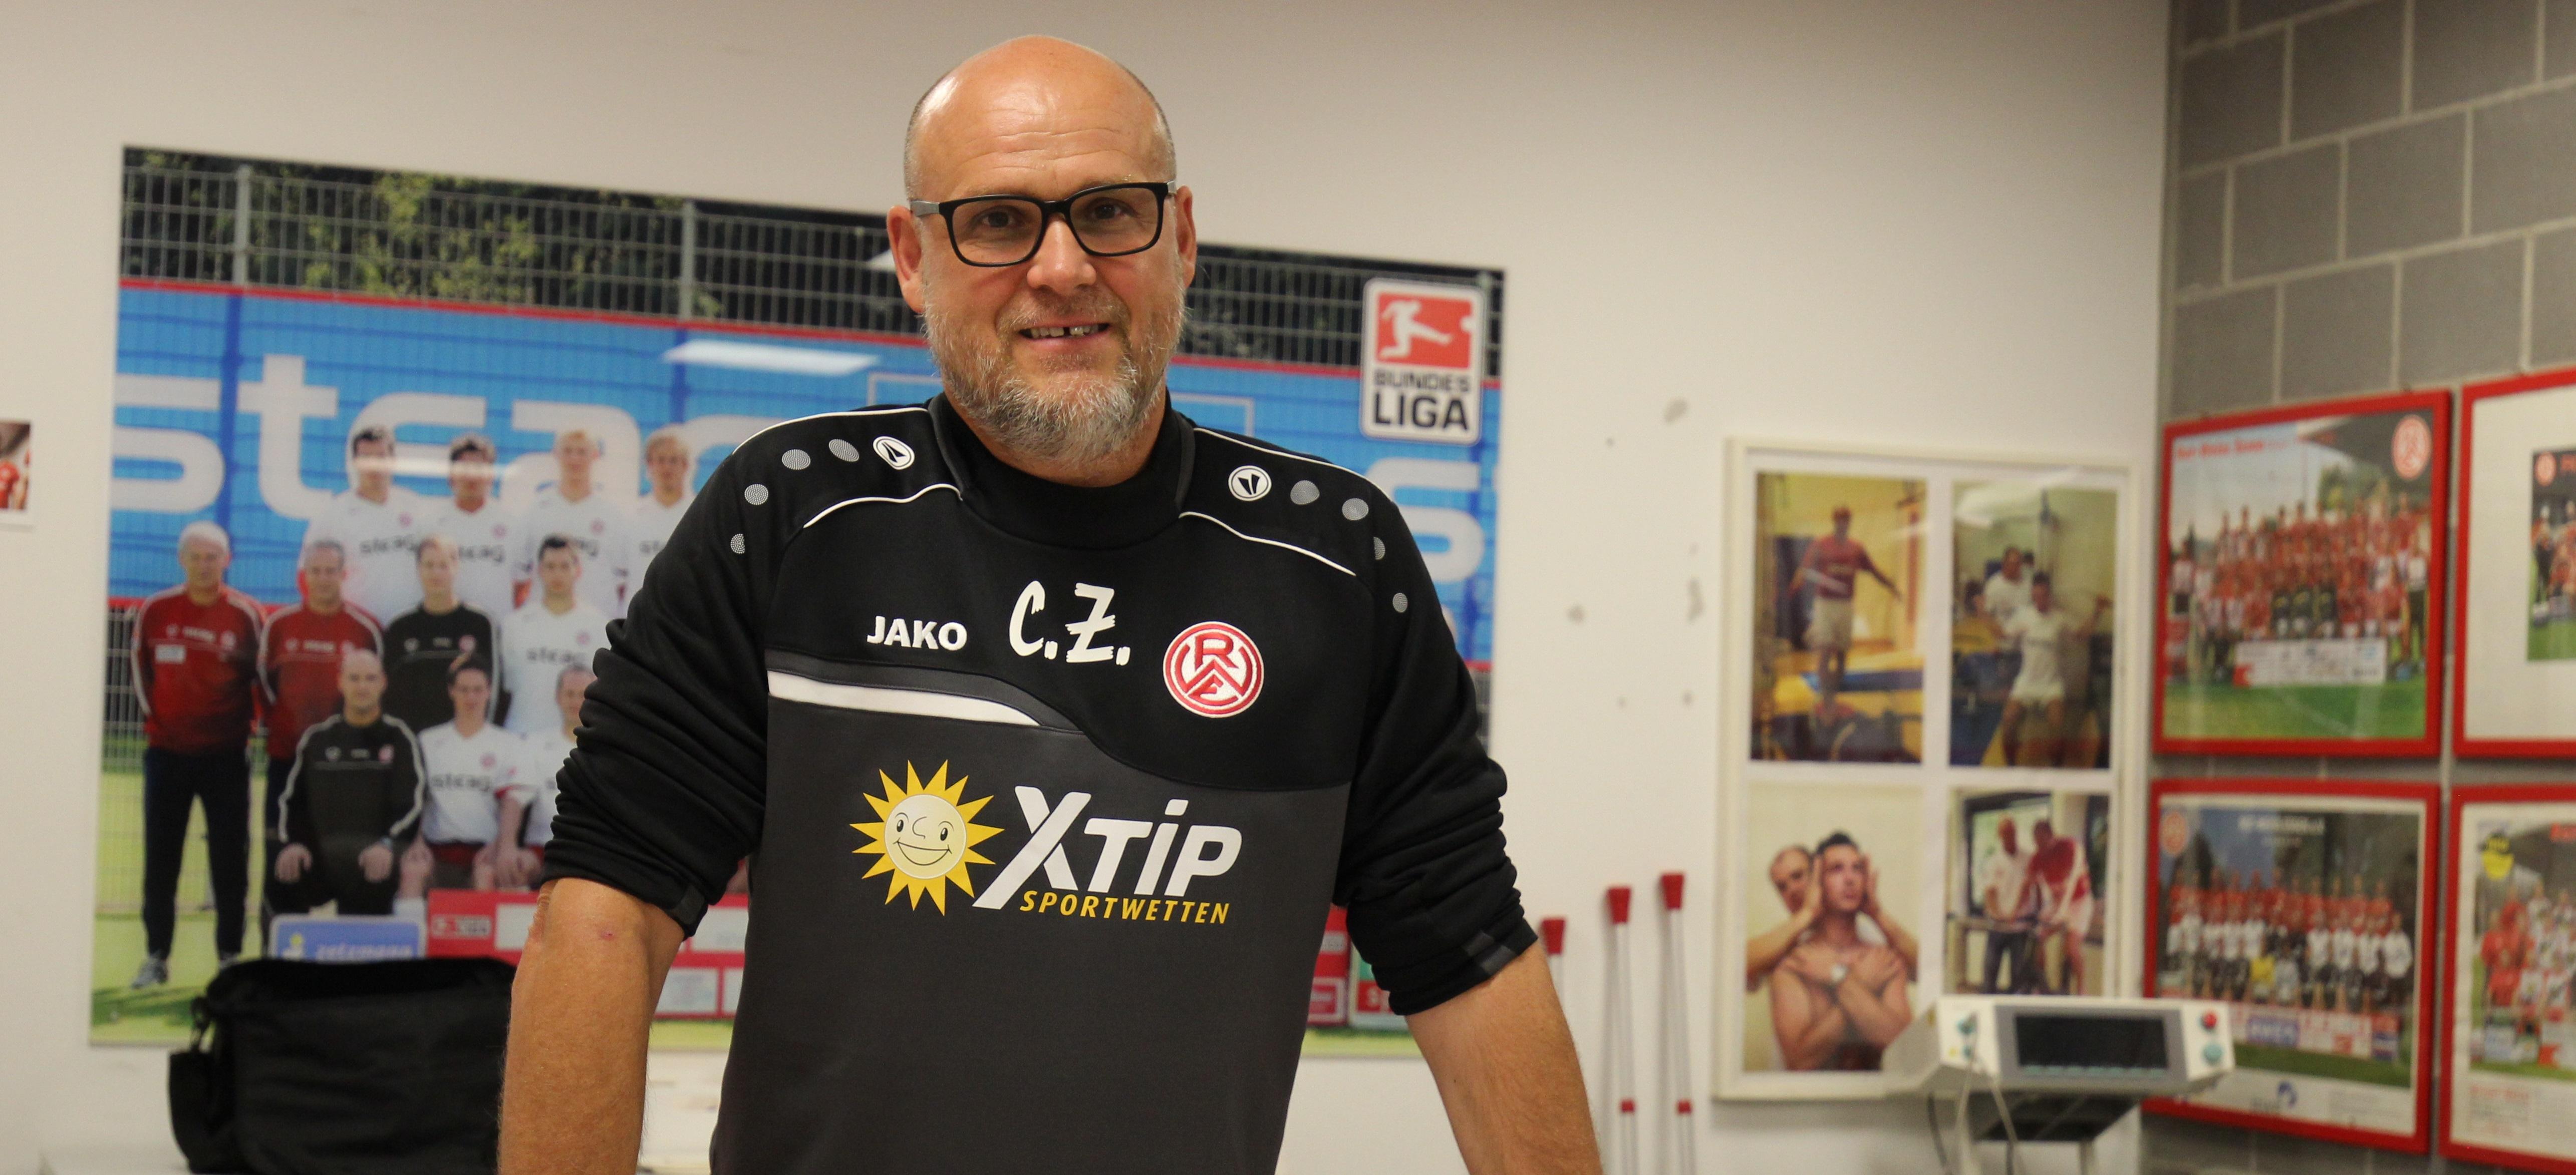 Rot-Weiss Essen arbeitet auch künftig mit der Physiotherapie Zetzmann und Christian Zetzmann (Foto) zusammen.